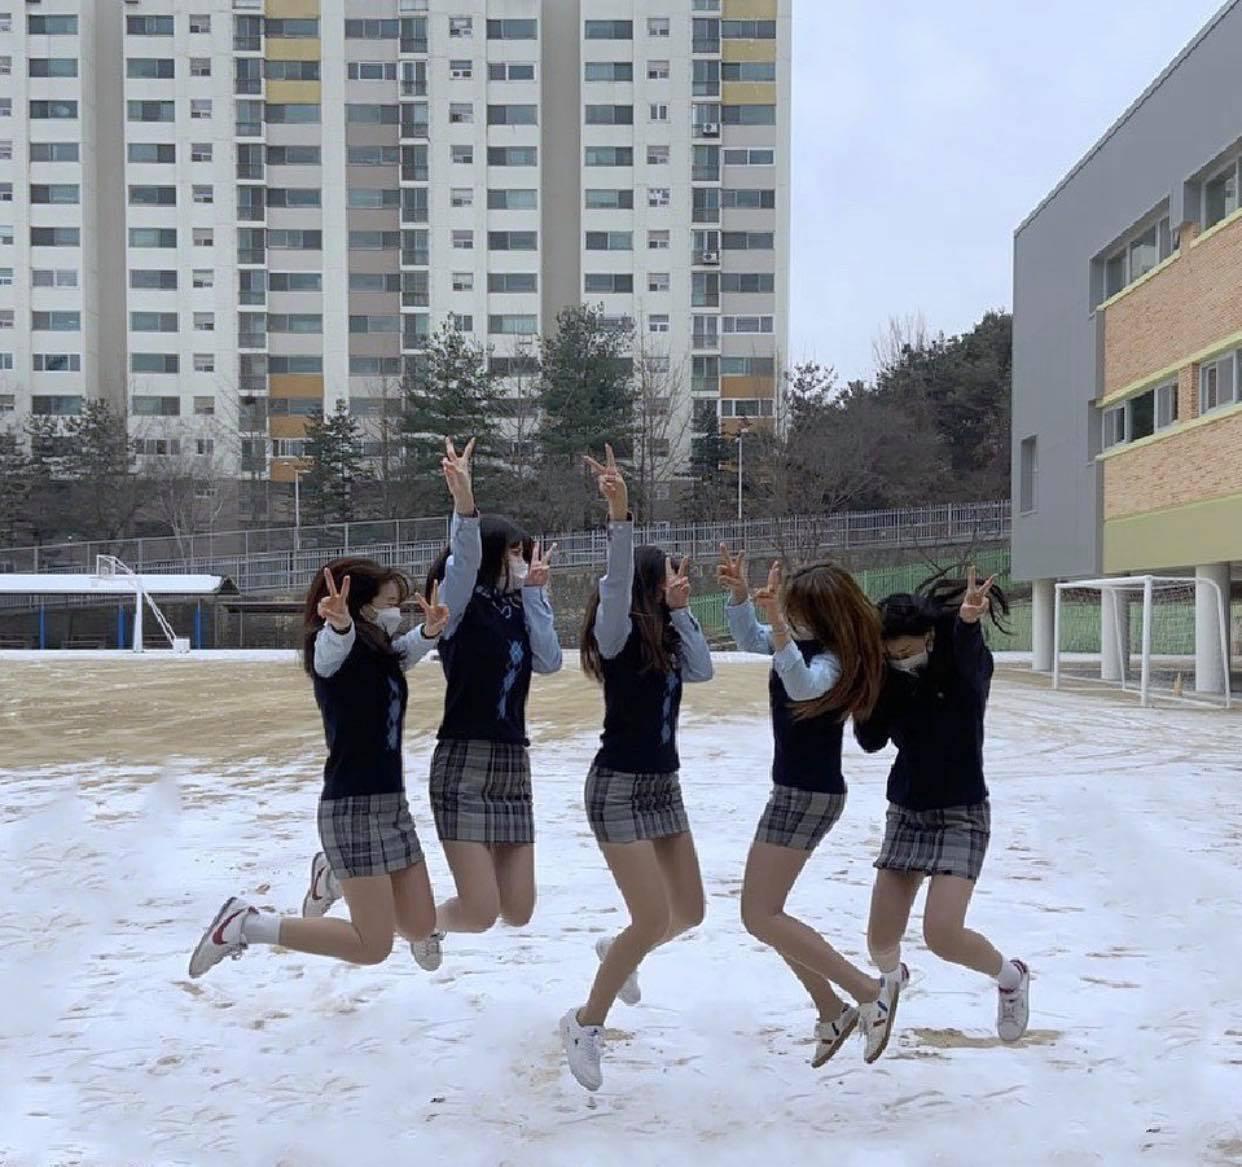 Đồng phục kiệm vải của nữ sinh Hàn khiến nhiều người lo ngại - 3